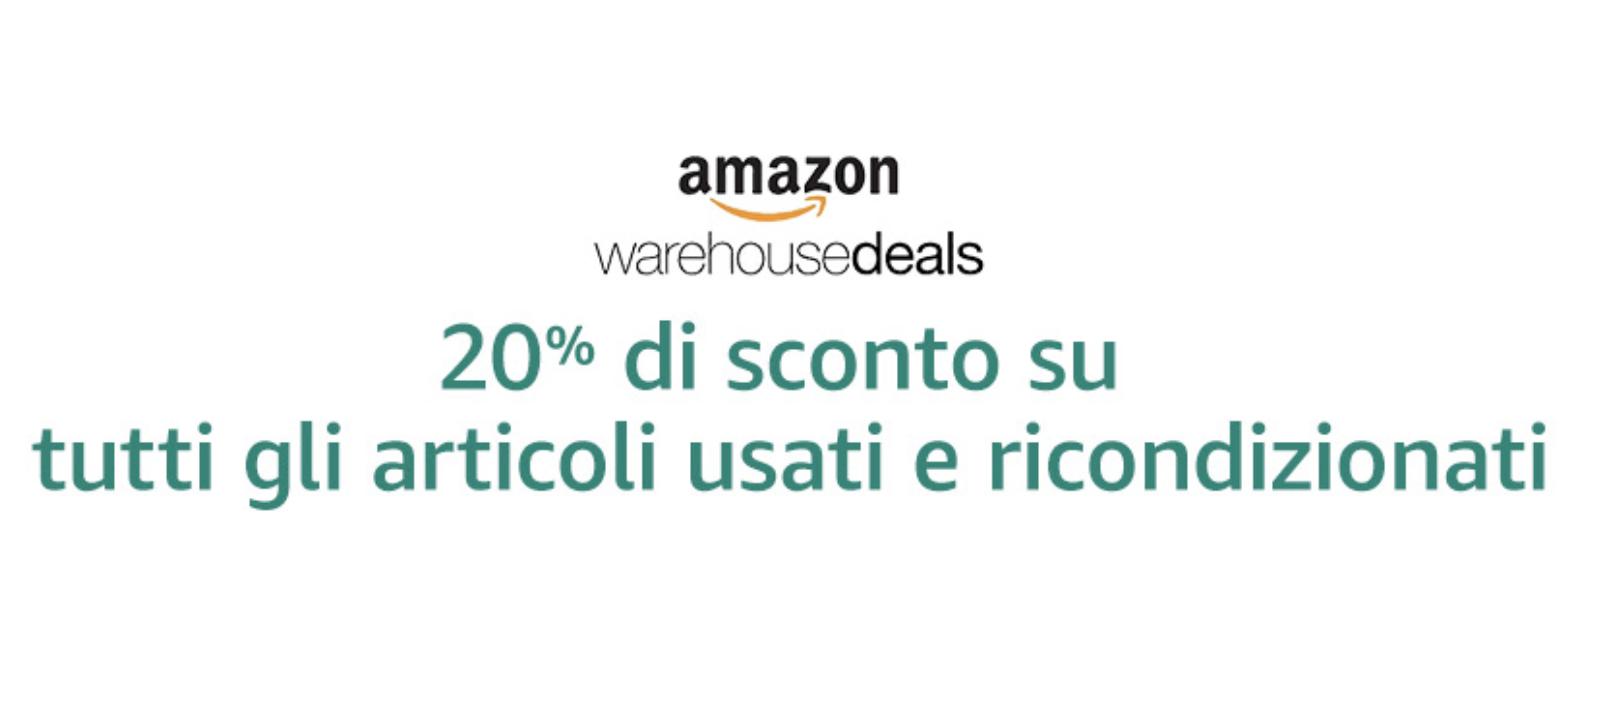 Black Friday: Amazon sconta al 20% tutti i prodotti ricondizionati